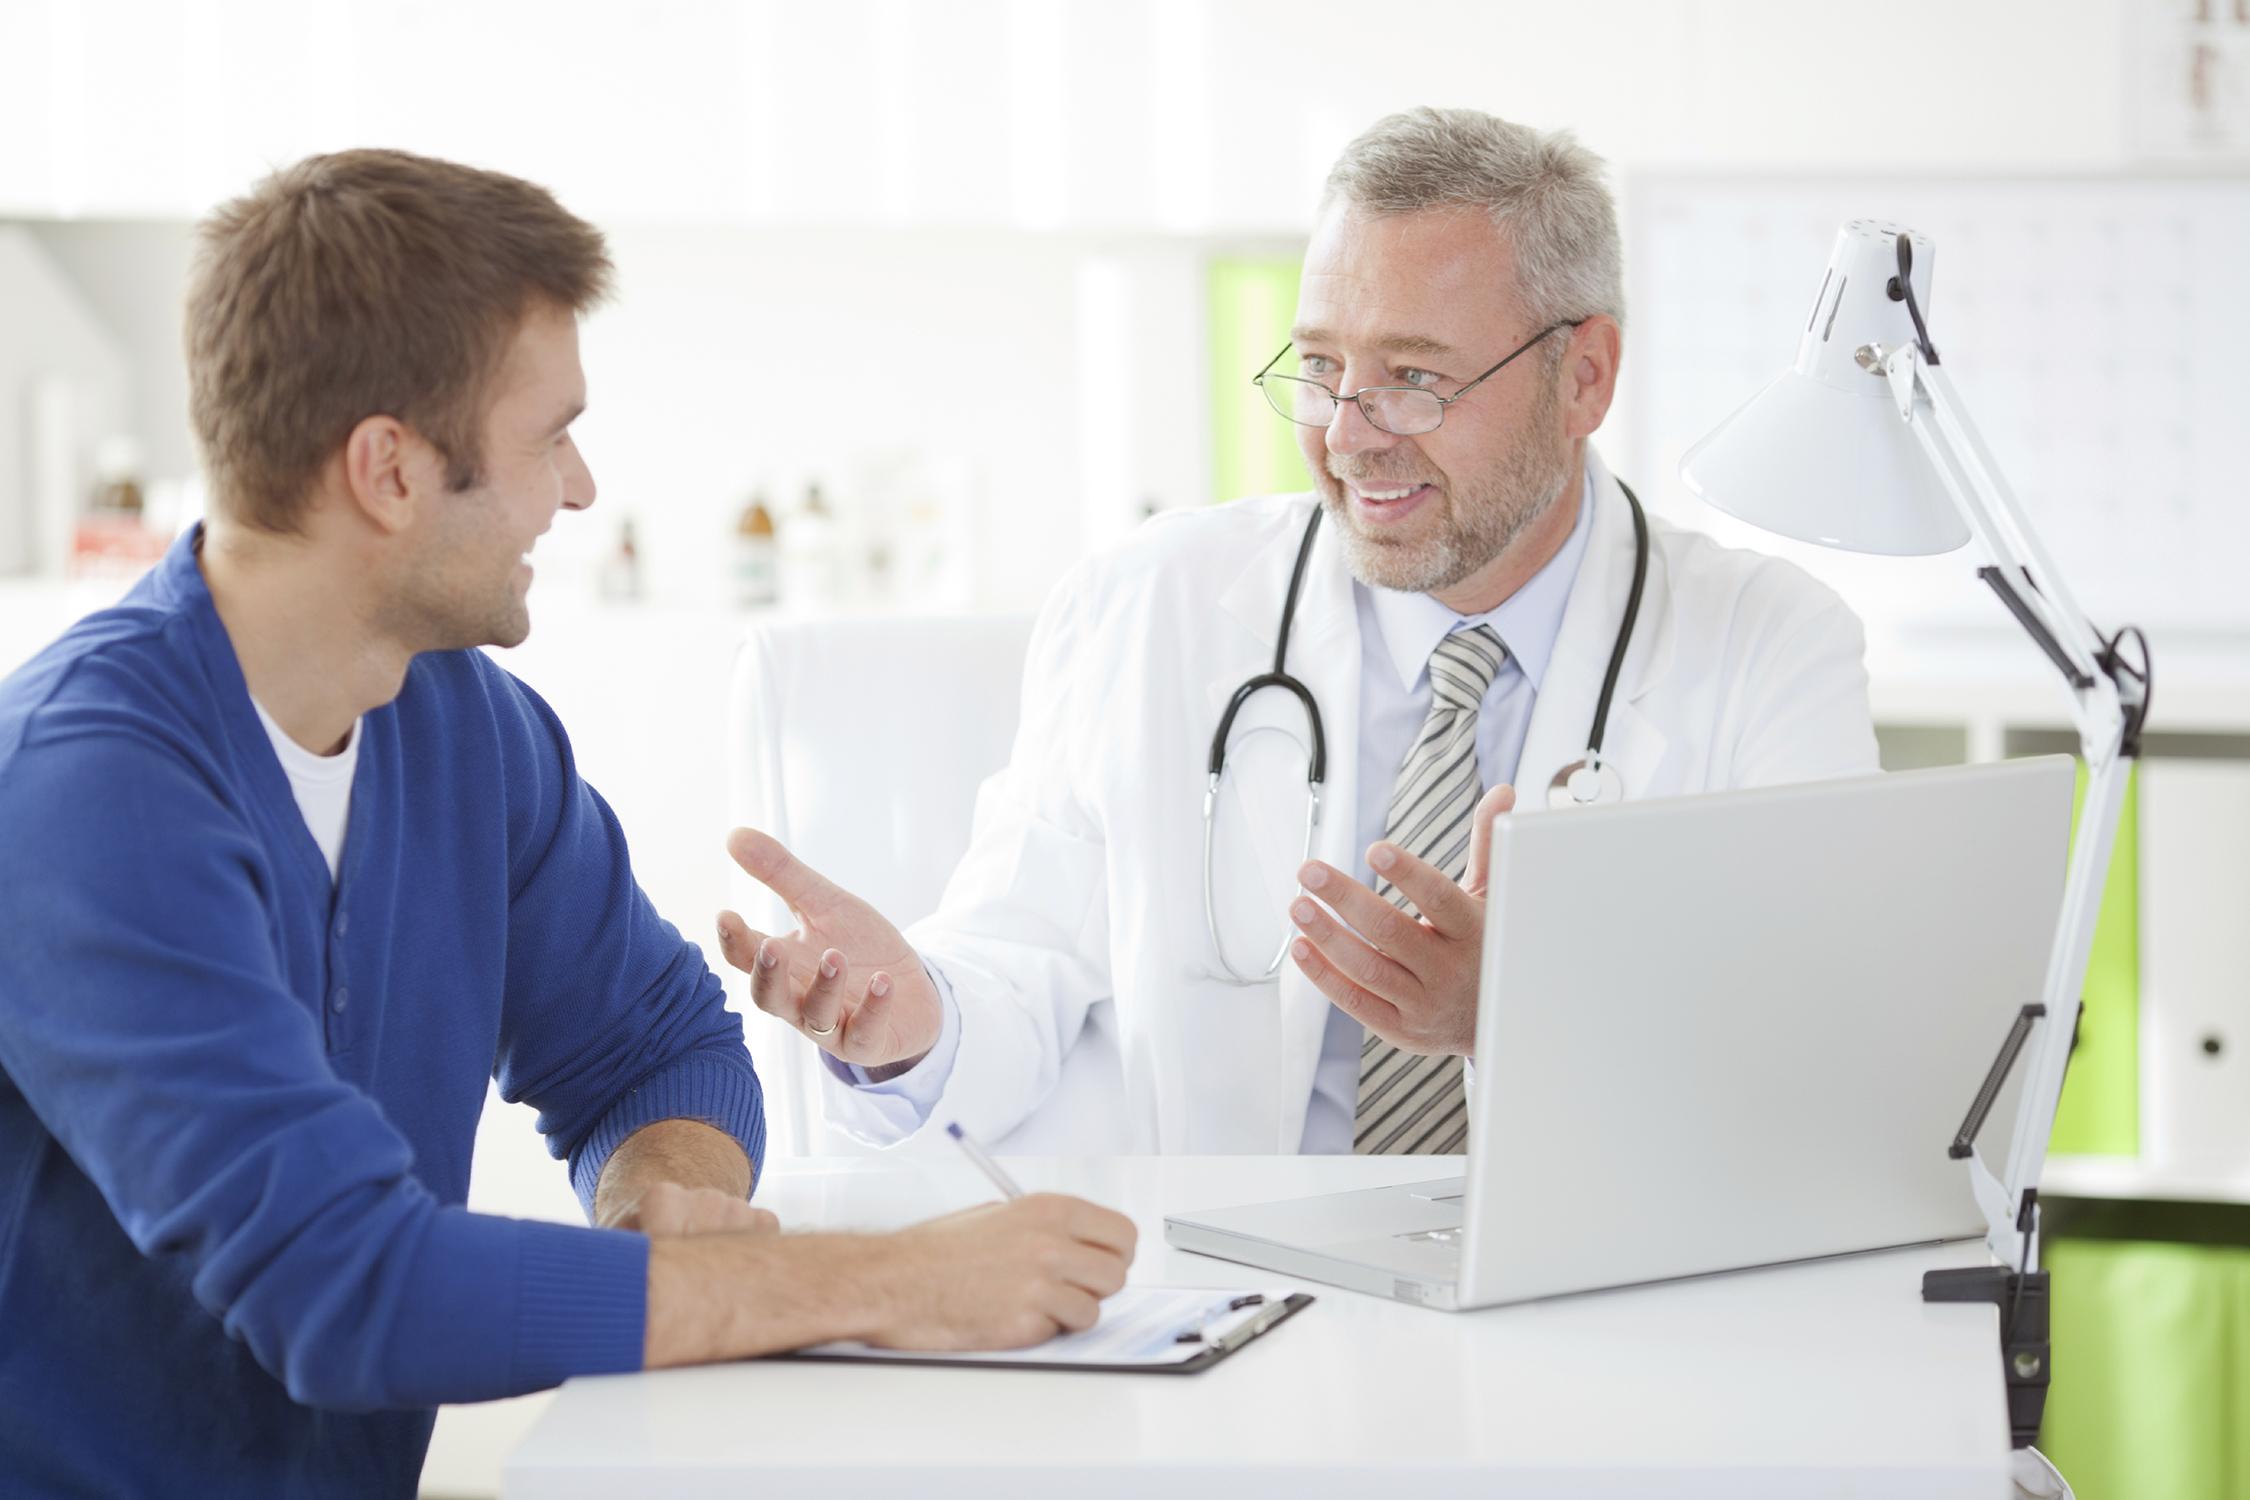 Maßnahmen zur Gesundheitserziehung und Beratung im Einklang mit der Eigenverantwortung und Selbsthilfe